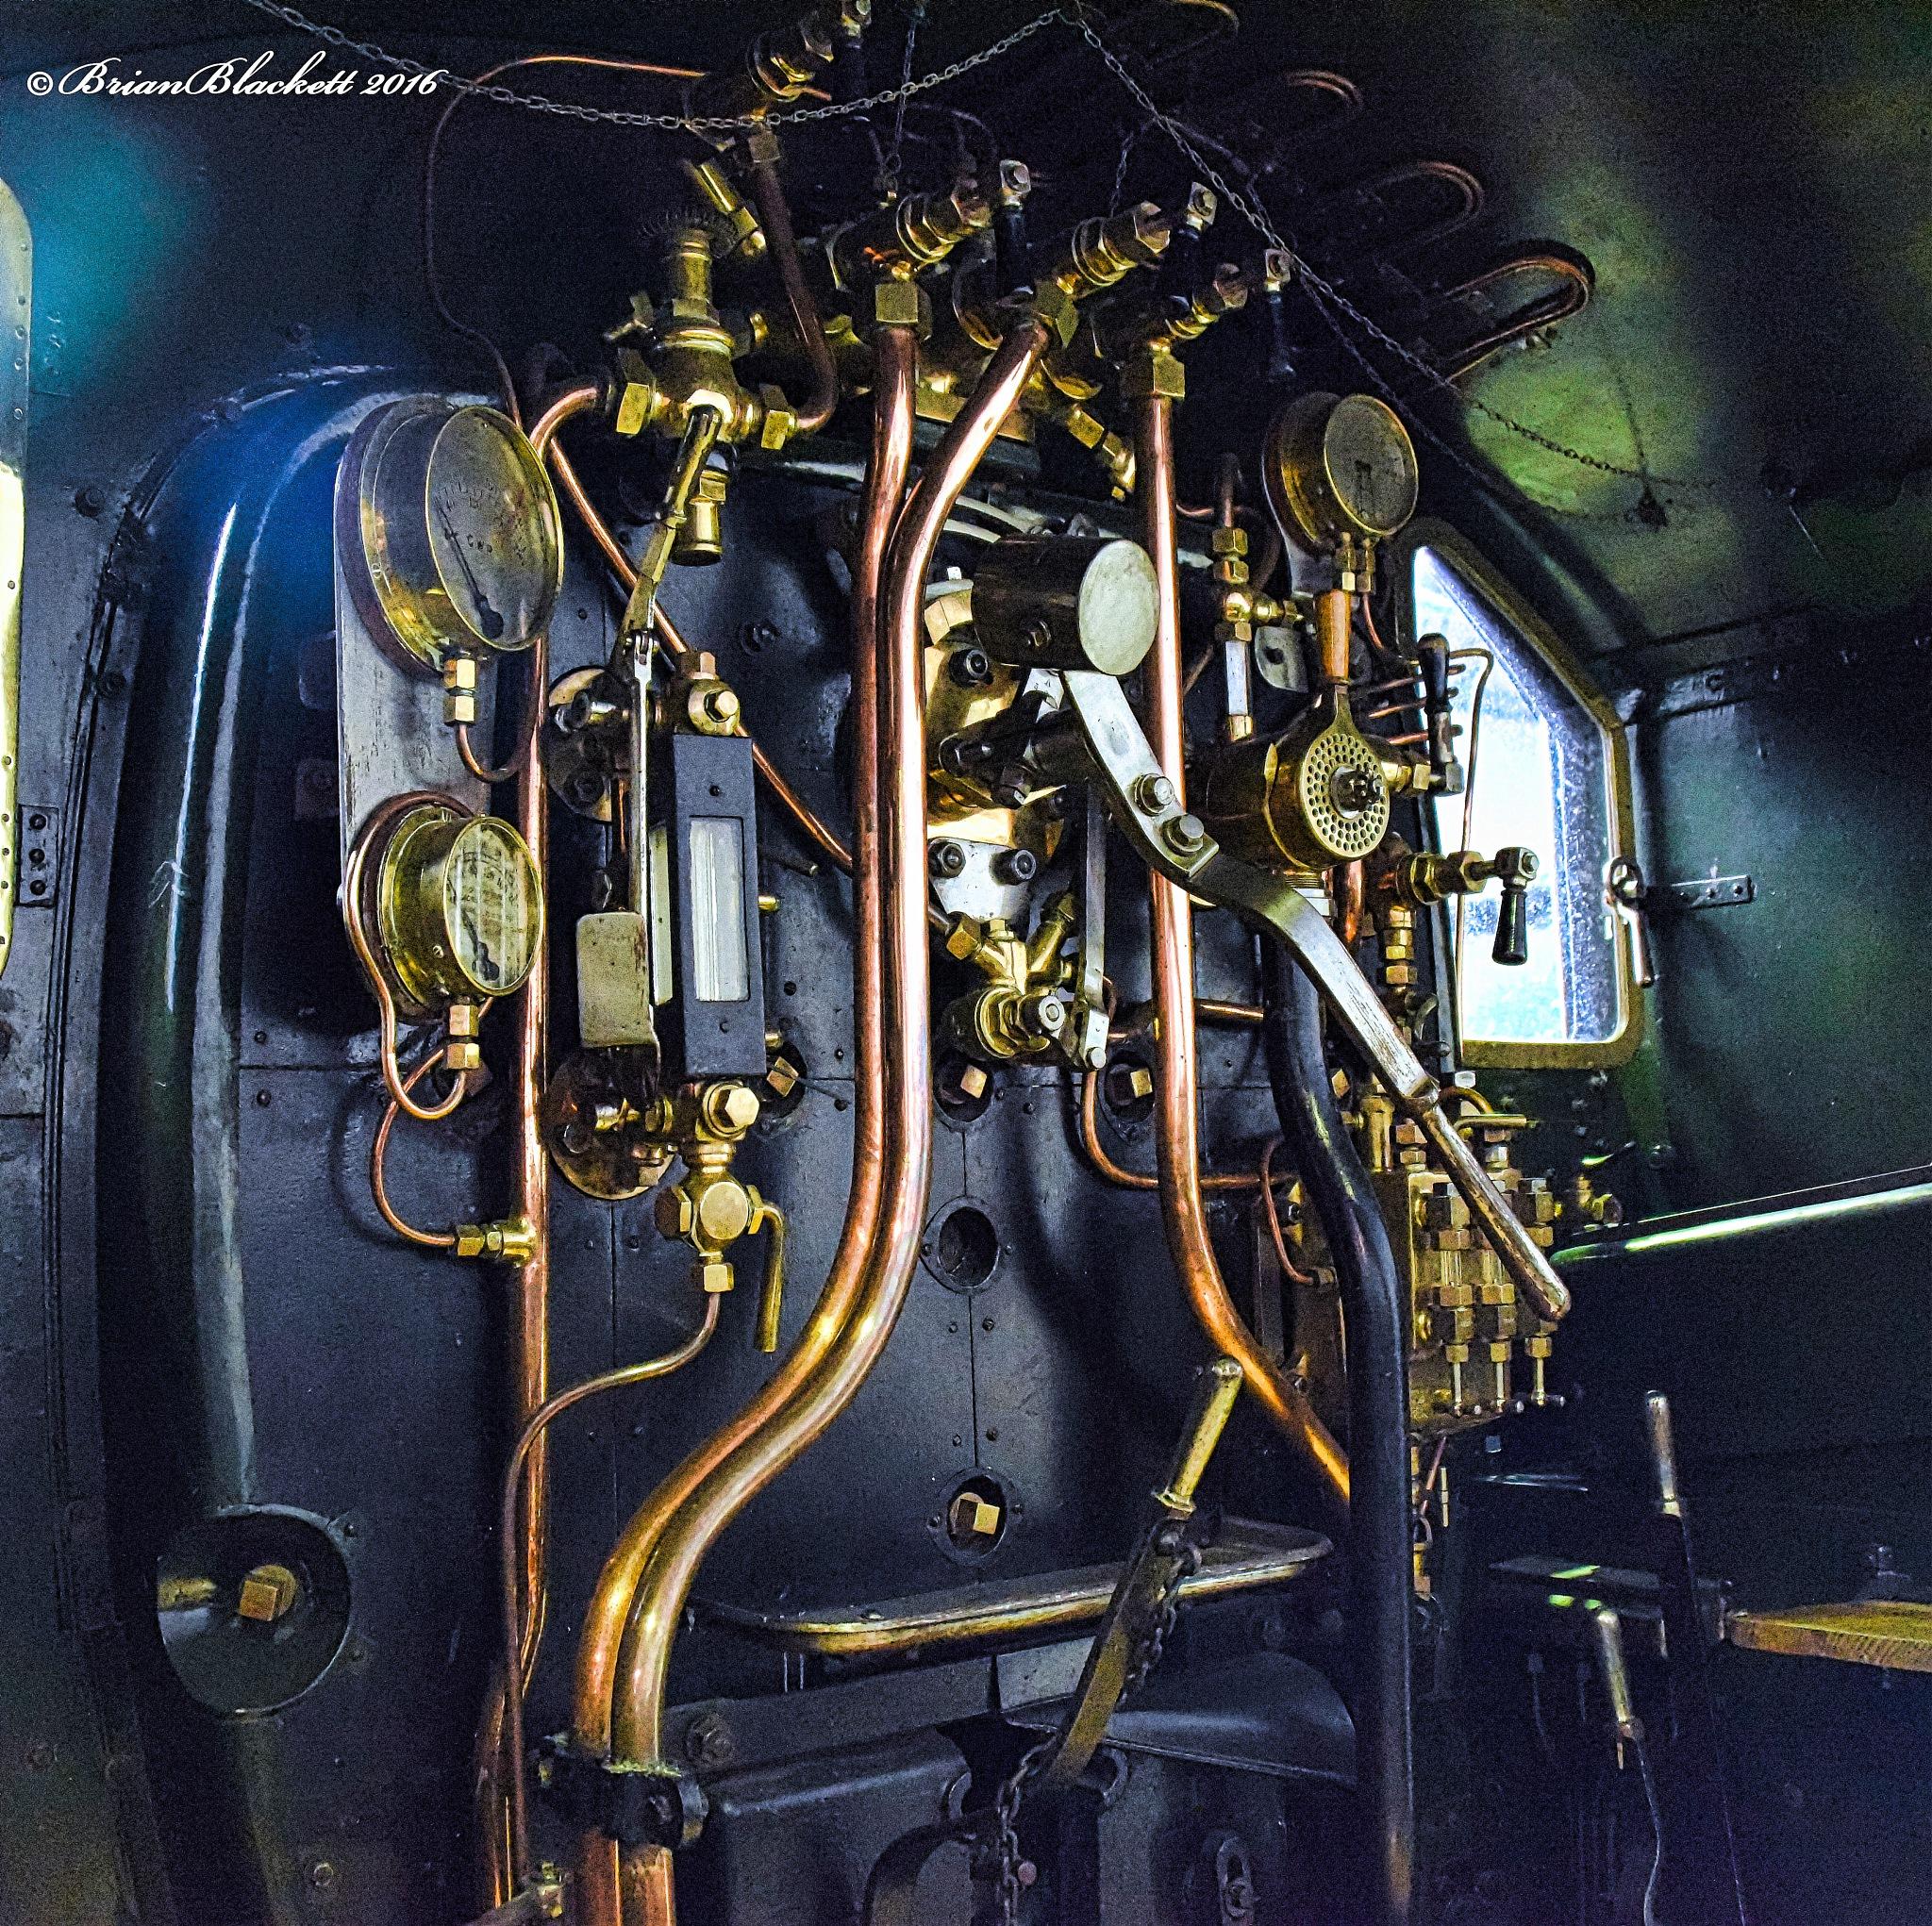 Steam Loco Controls by brianblackett